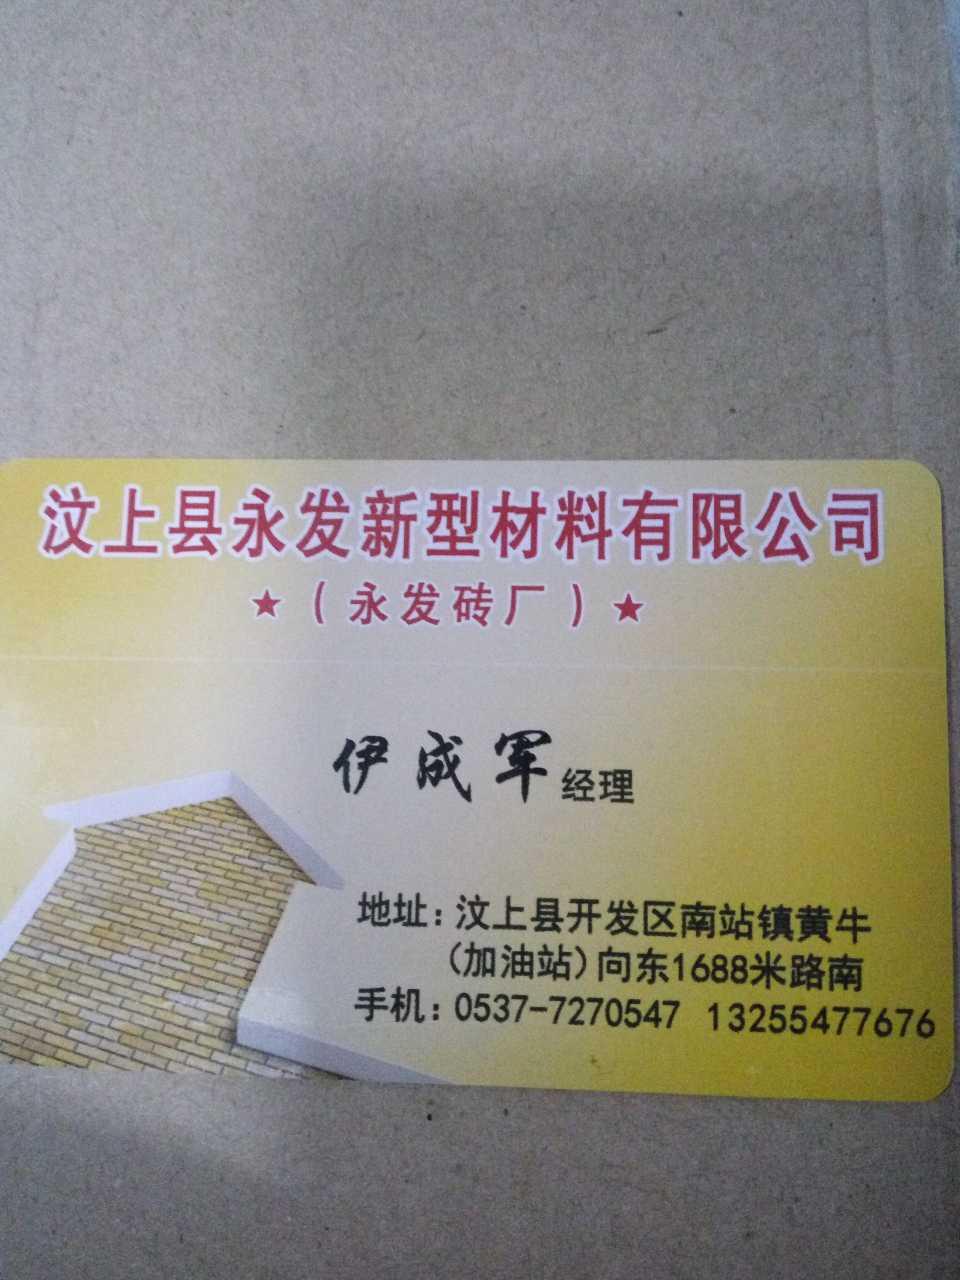 来自伊成军发布的供应信息:... - 汶上县永发新型建材有限公司